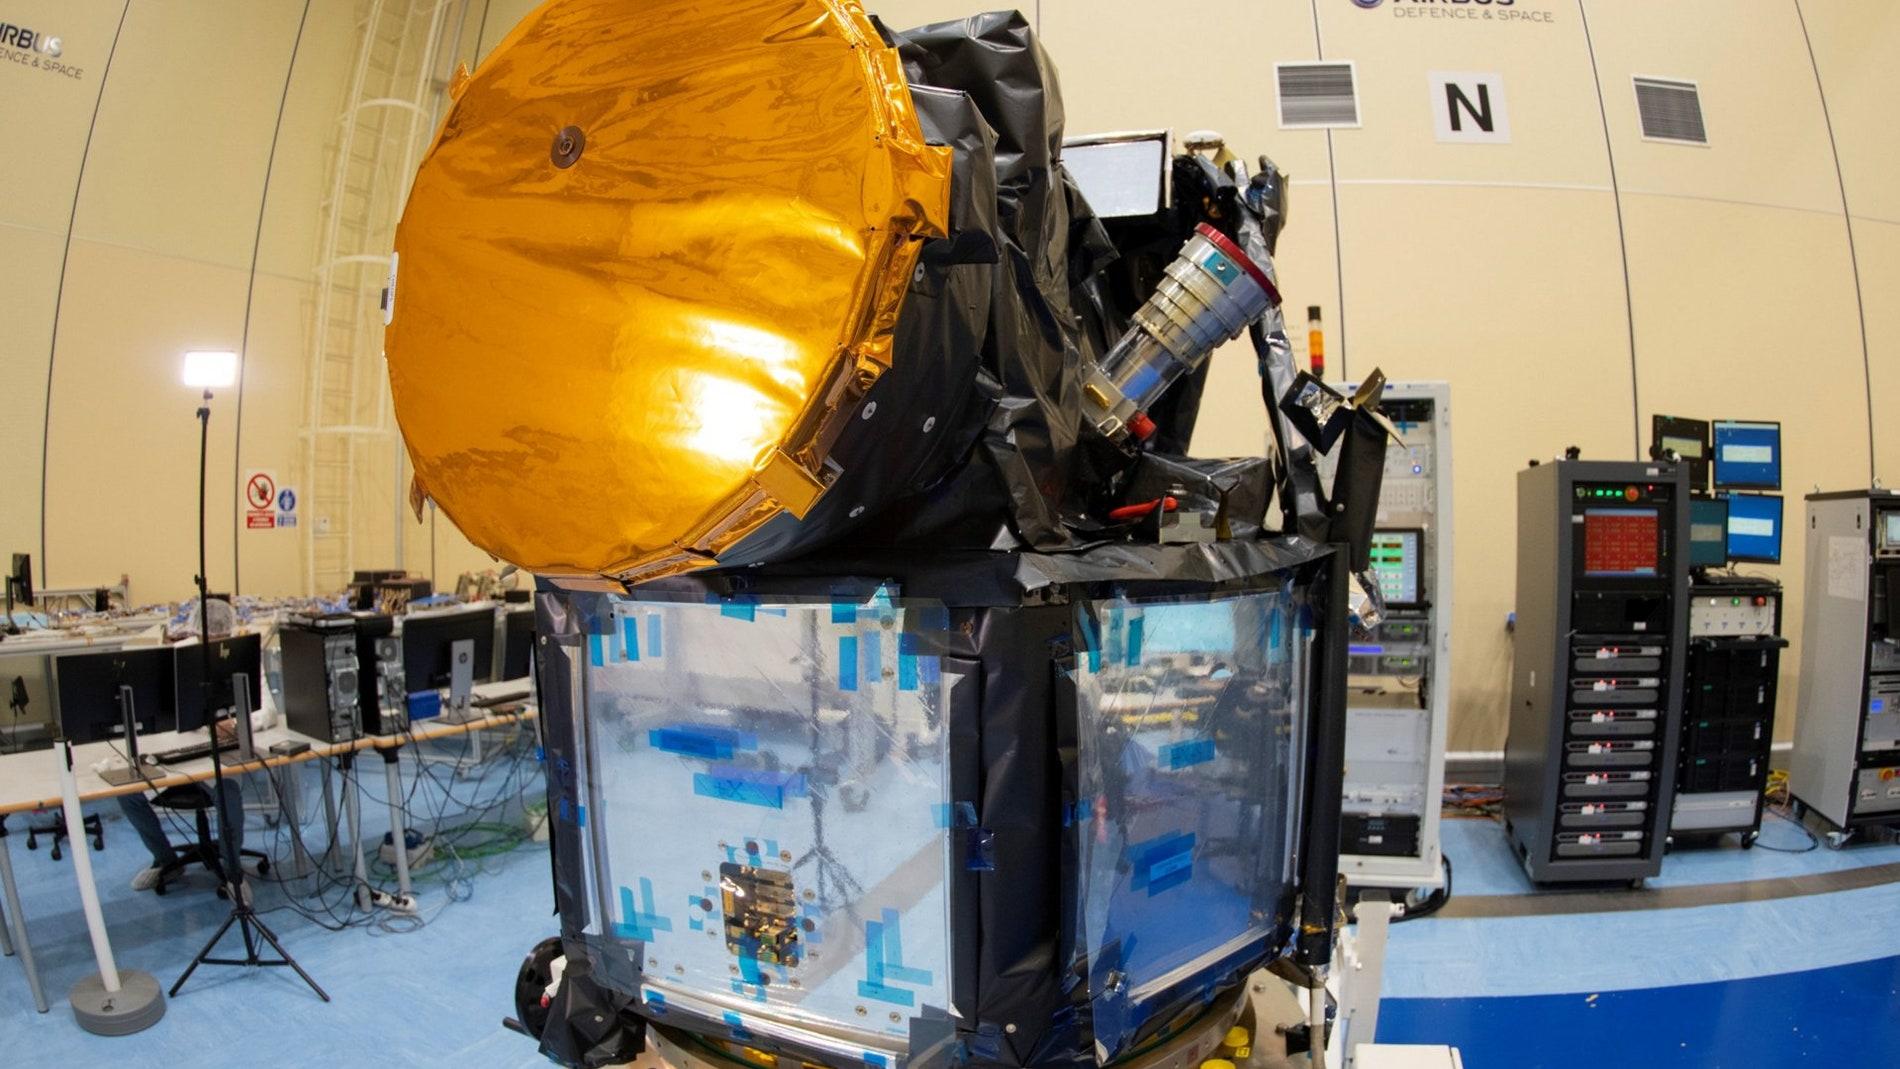 Completado el satelite Cheops tecnologia espanola para analizar exoplanetas